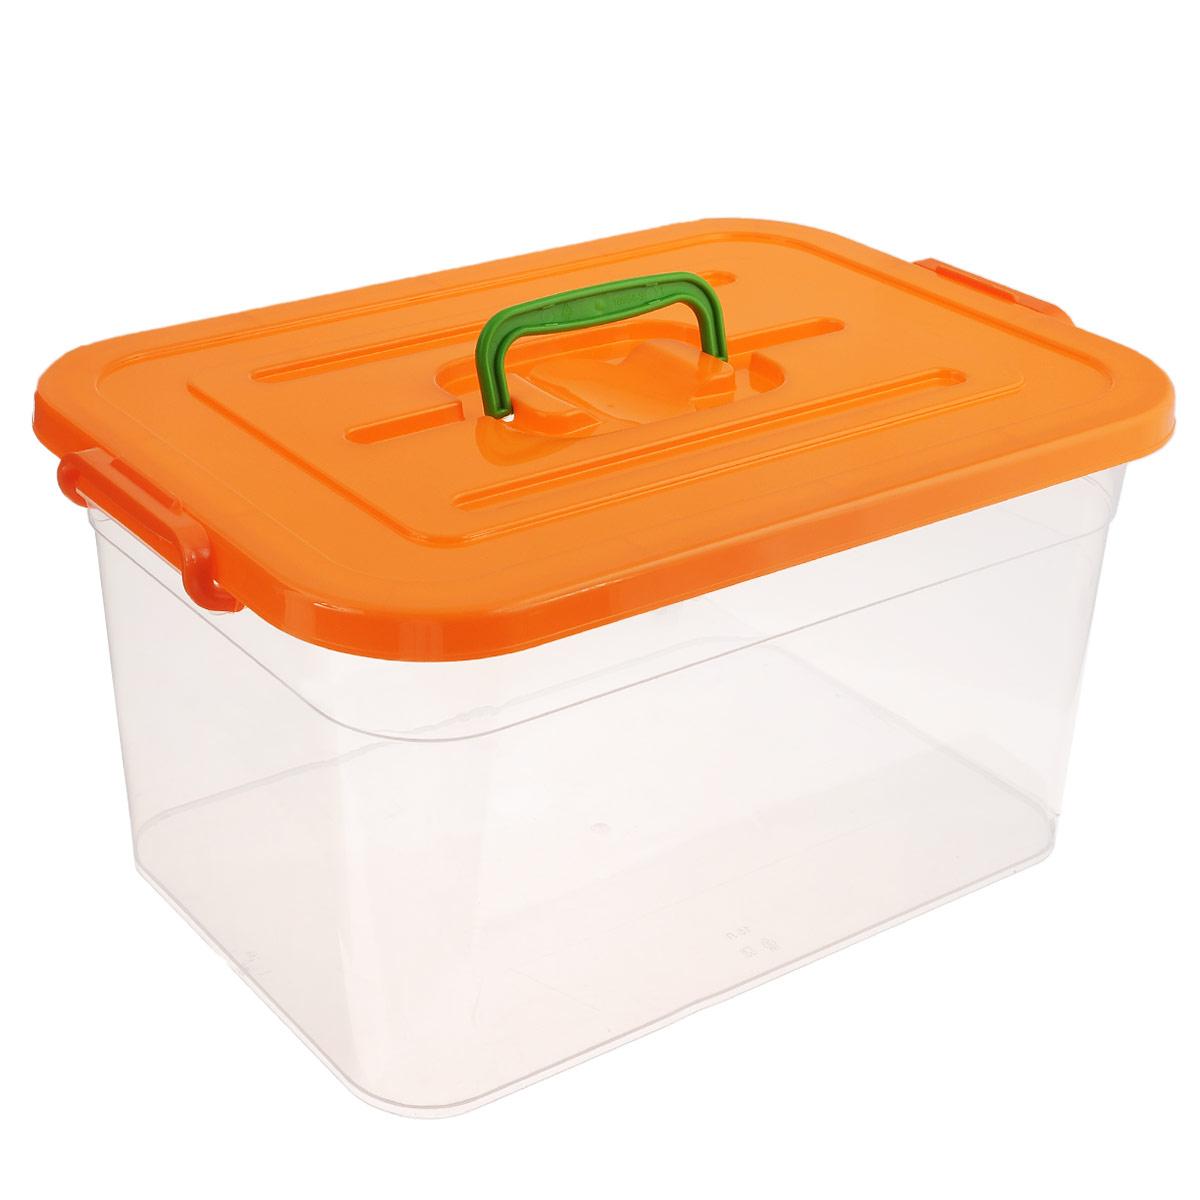 Контейнер для хранения Полимербыт, цвет: оранжевый, 15 л10503Контейнер для хранения Полимербыт выполнен из высококачественного пищевого пластика. Контейнер снабжен удобной ручкой и двумя пластиковыми фиксаторами по бокам, придающими дополнительную надежность закрывания крышки. Вместительный контейнер позволит сохранить различные нужные вещи в порядке, а герметичная крышка предотвратит случайное открывание, защитит содержимое от пыли и грязи. Объем: 15 л.